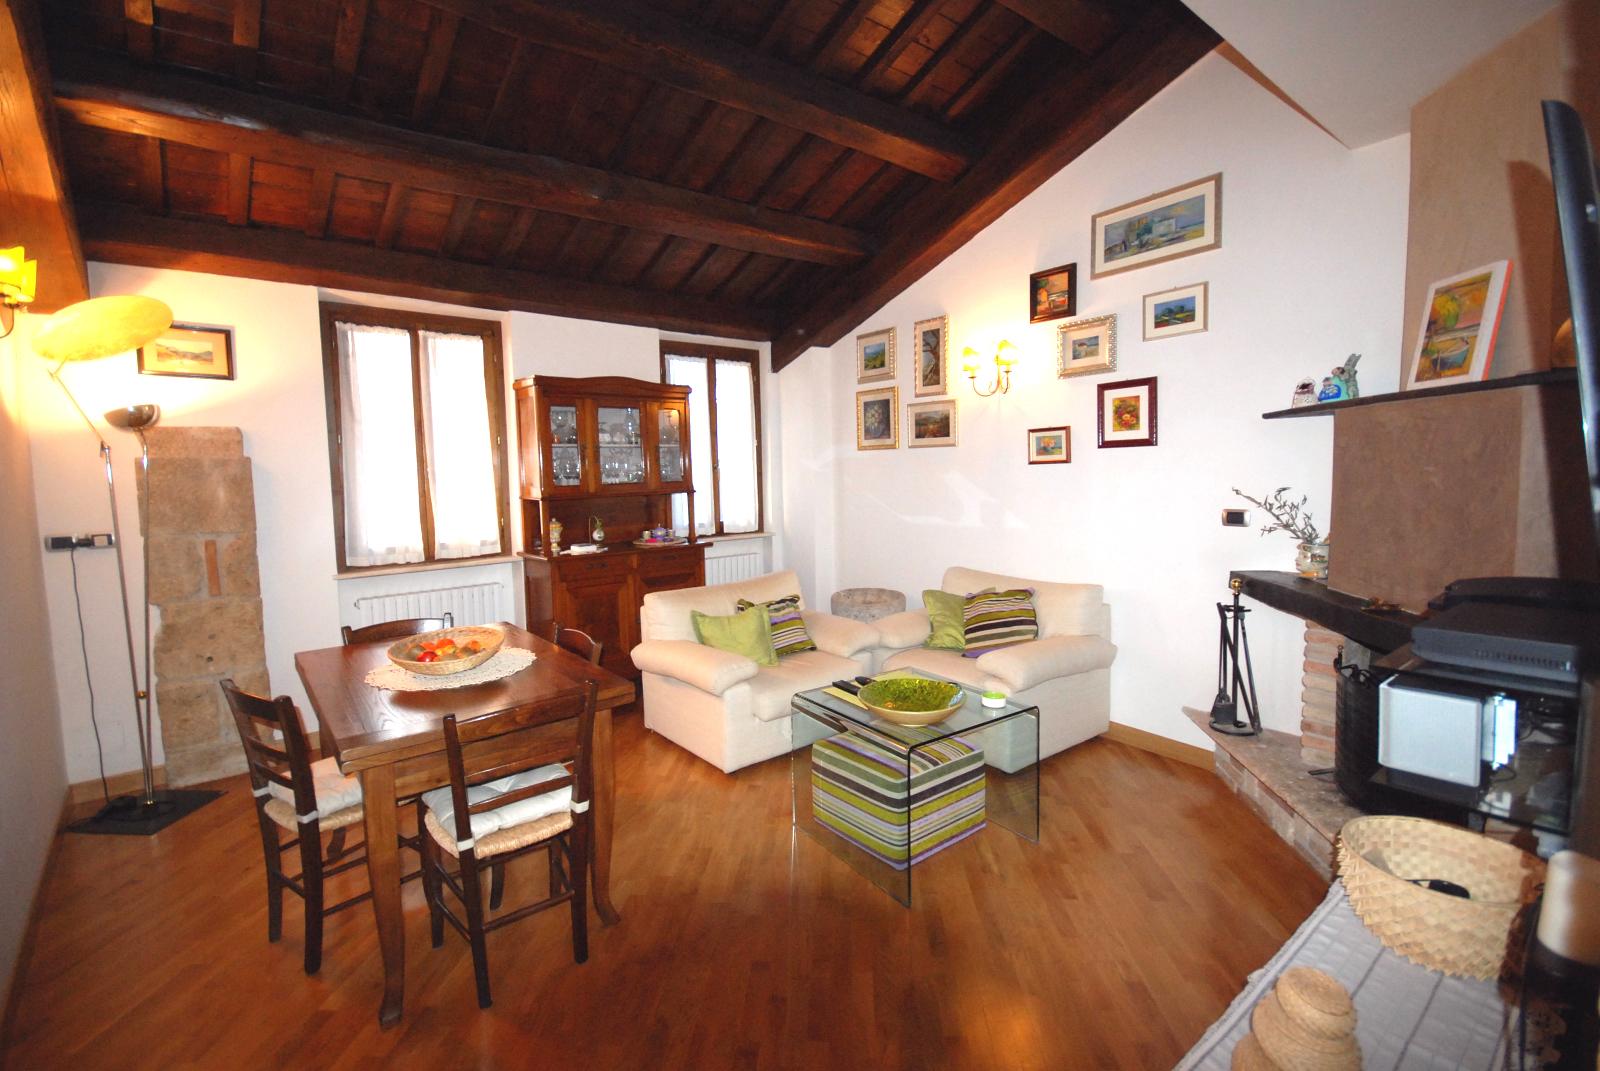 Appartamento in vendita a Ascoli Piceno, 5 locali, zona Località: CentroStorico, prezzo € 210.000 | Cambio Casa.it